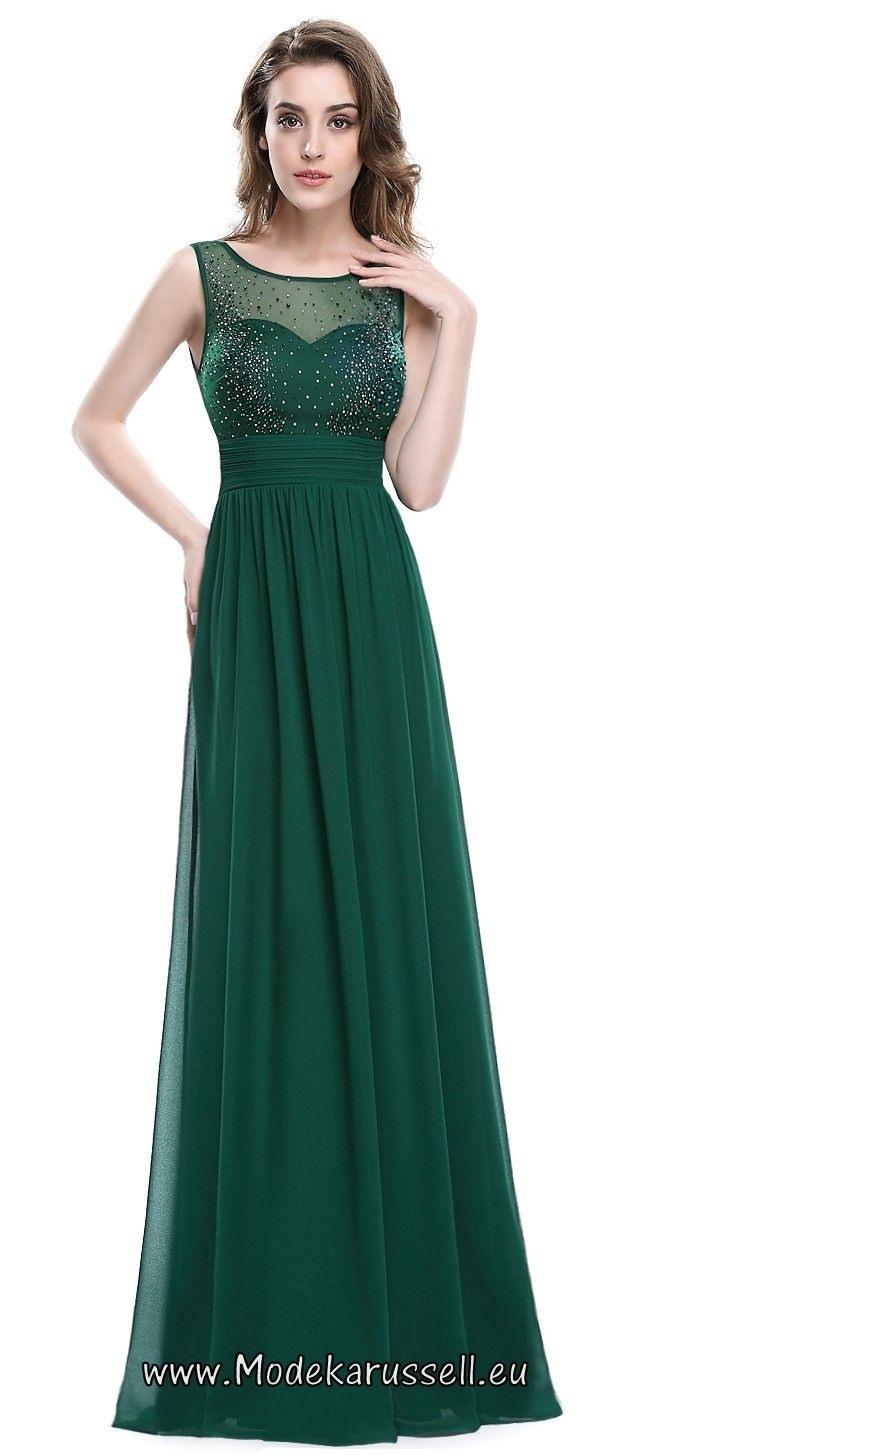 15 Schön Grünes Kleid Knielang VertriebDesigner Ausgezeichnet Grünes Kleid Knielang Ärmel